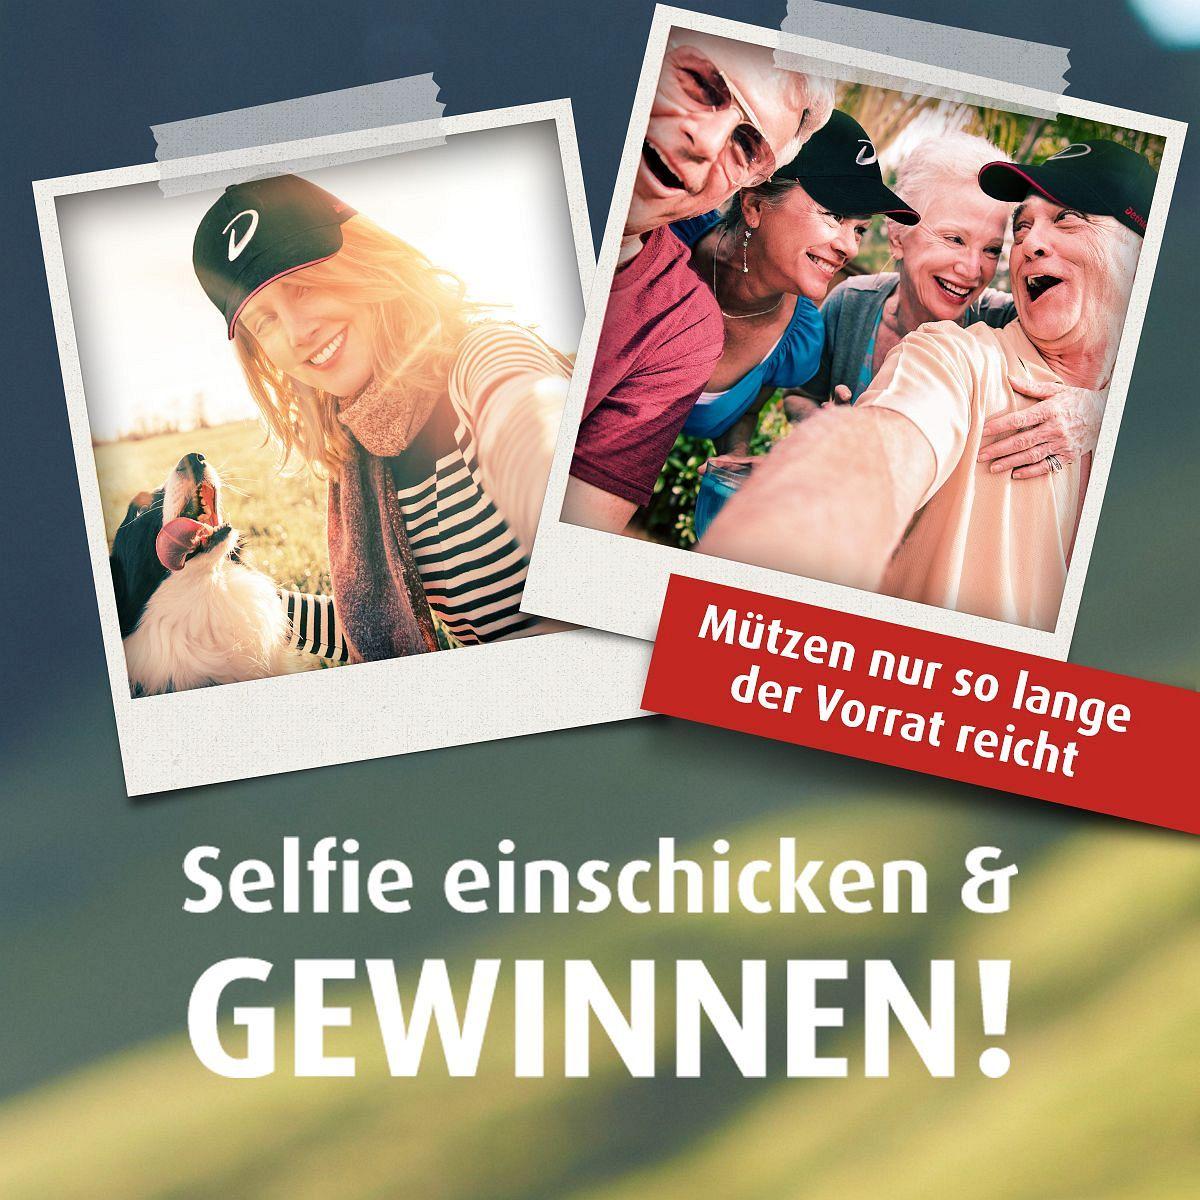 Dethleffs-Gewinnspiel - Selfie machen und gewinnen Beispielbild klein